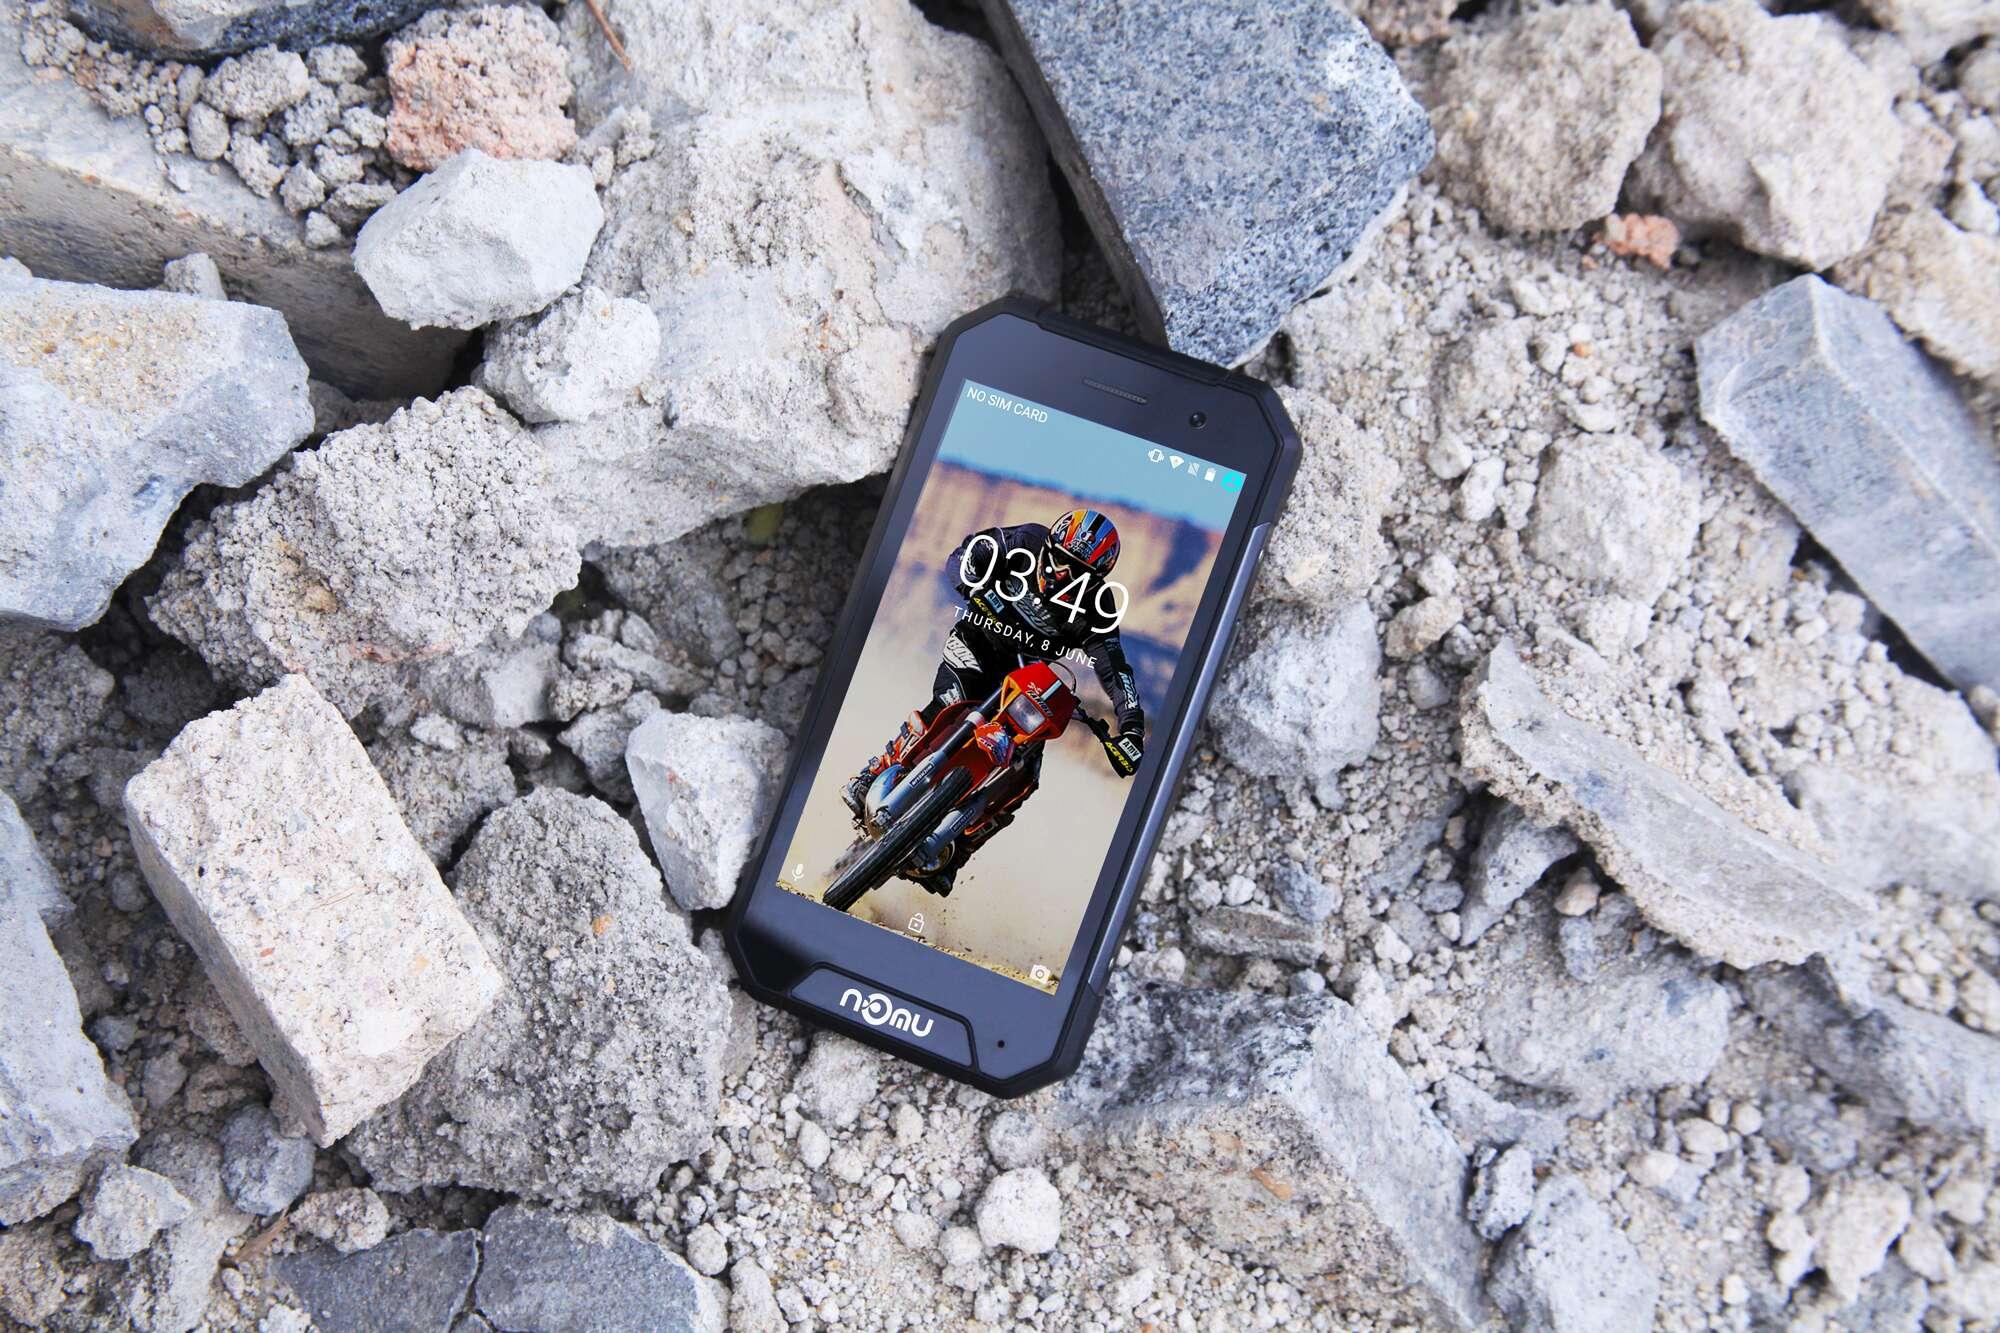 nomu s30 mini kleines outdoor smartphone kommt im juli news. Black Bedroom Furniture Sets. Home Design Ideas